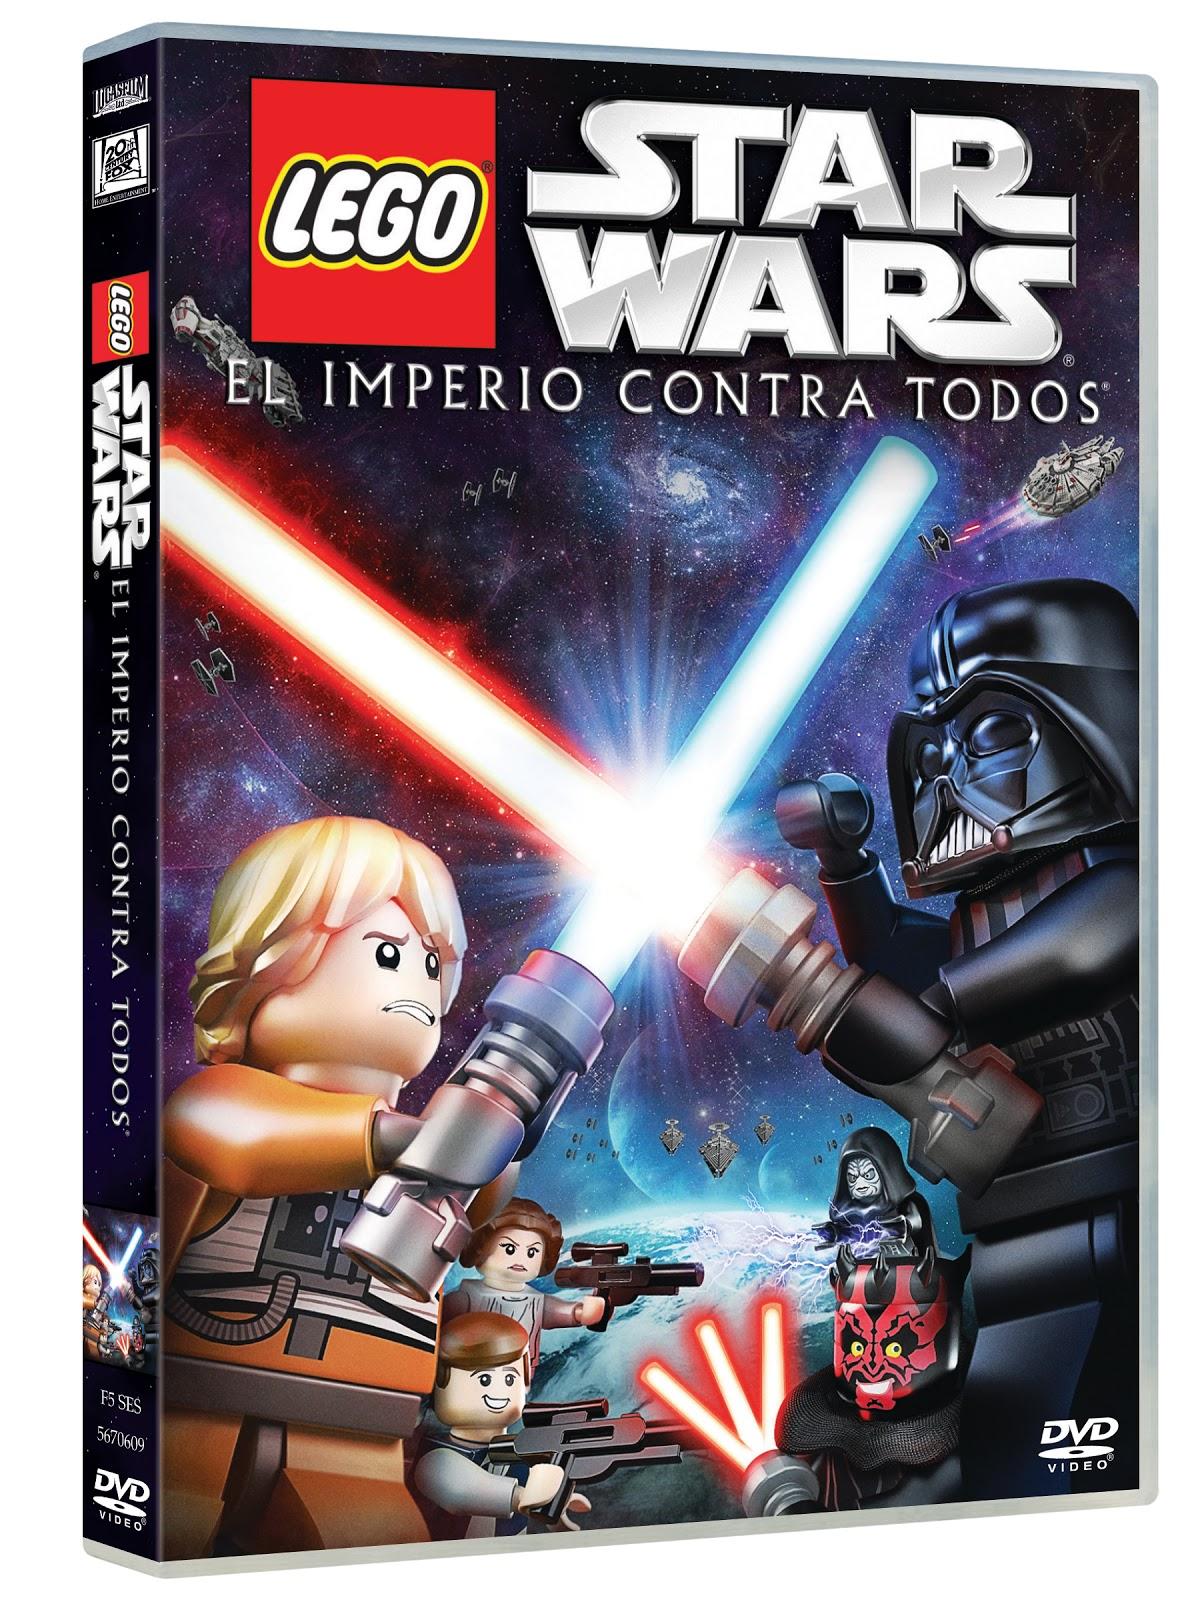 Lego Star Wars: El Imperio Contra Todos (DVD)